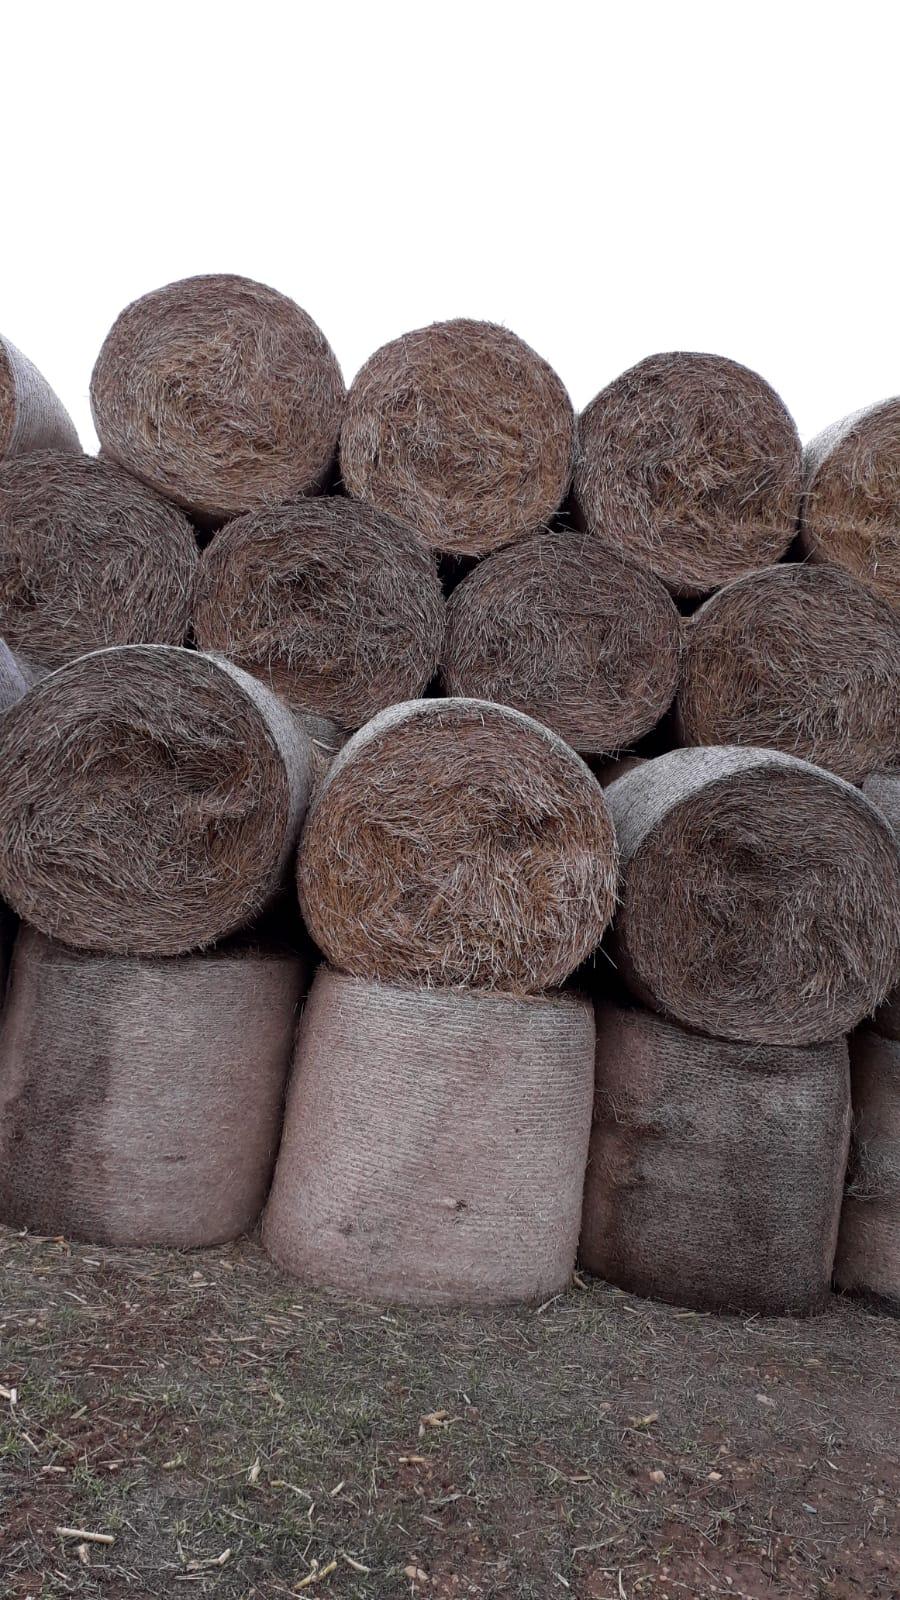 Buğday samanı - 2018 Mahsülü 180 Kg Ağirliğinda Yuvarlak Balyali 700 Ton Sap Satişimiz Mevcuttur Nakliye Hariçtir